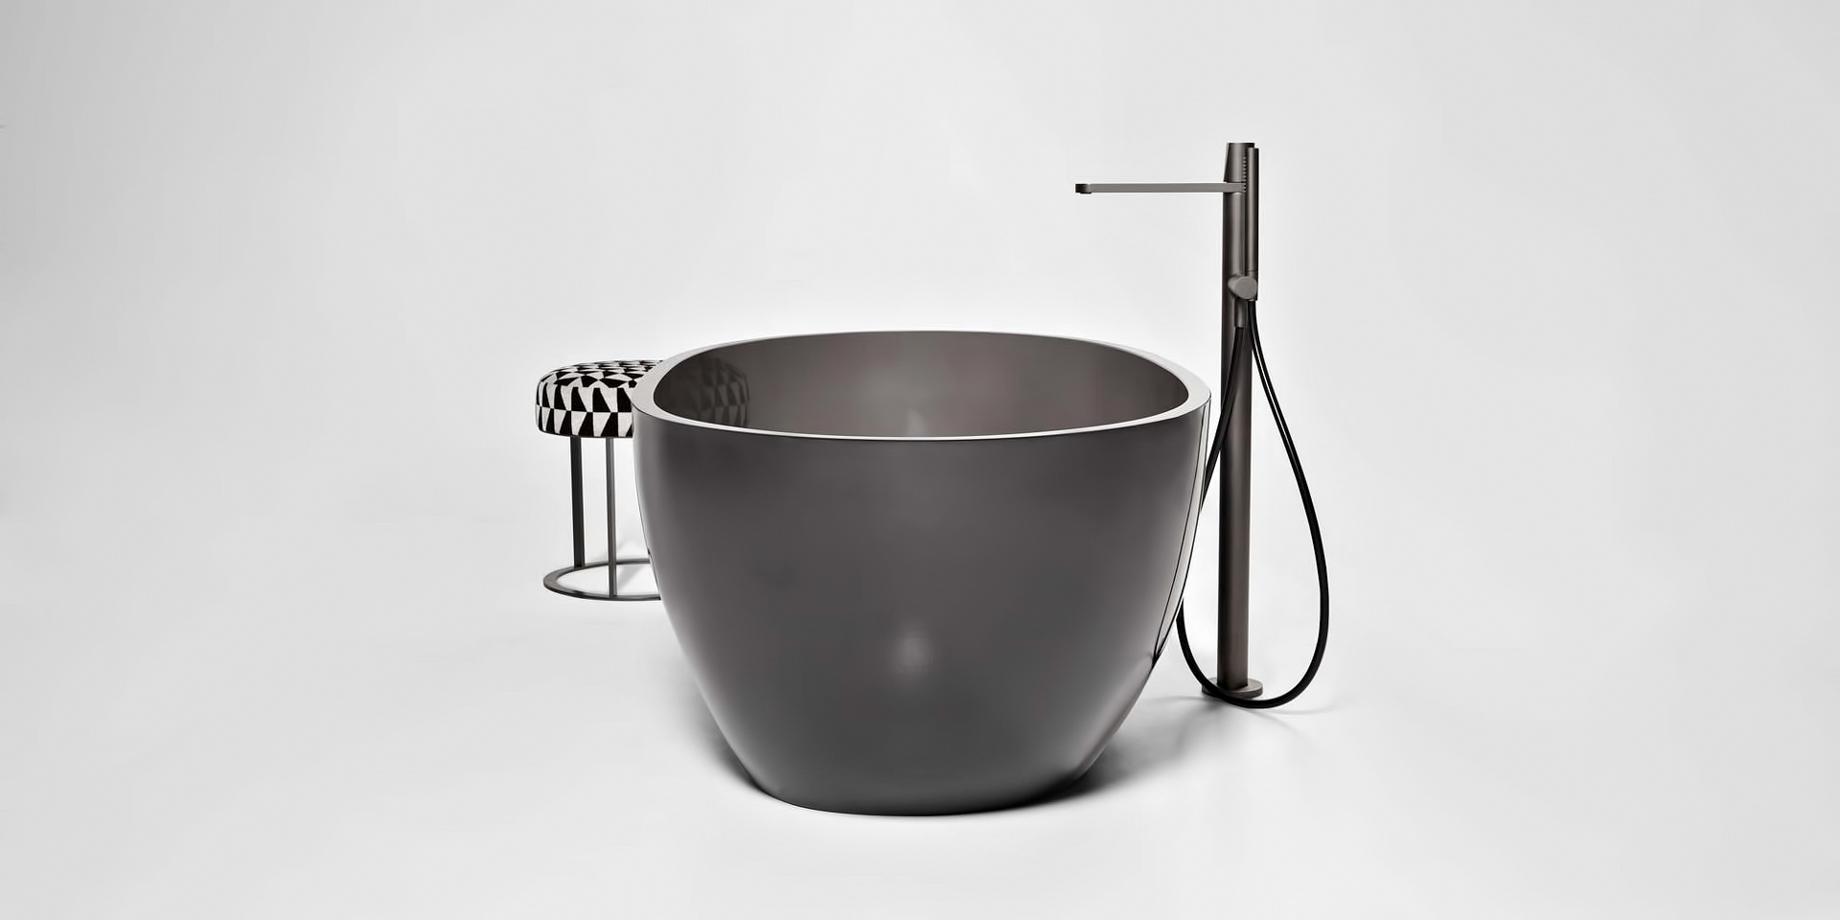 Transparent REFLEX Cristalmood Resin Luxury Bathtub by AL Studio – Fume